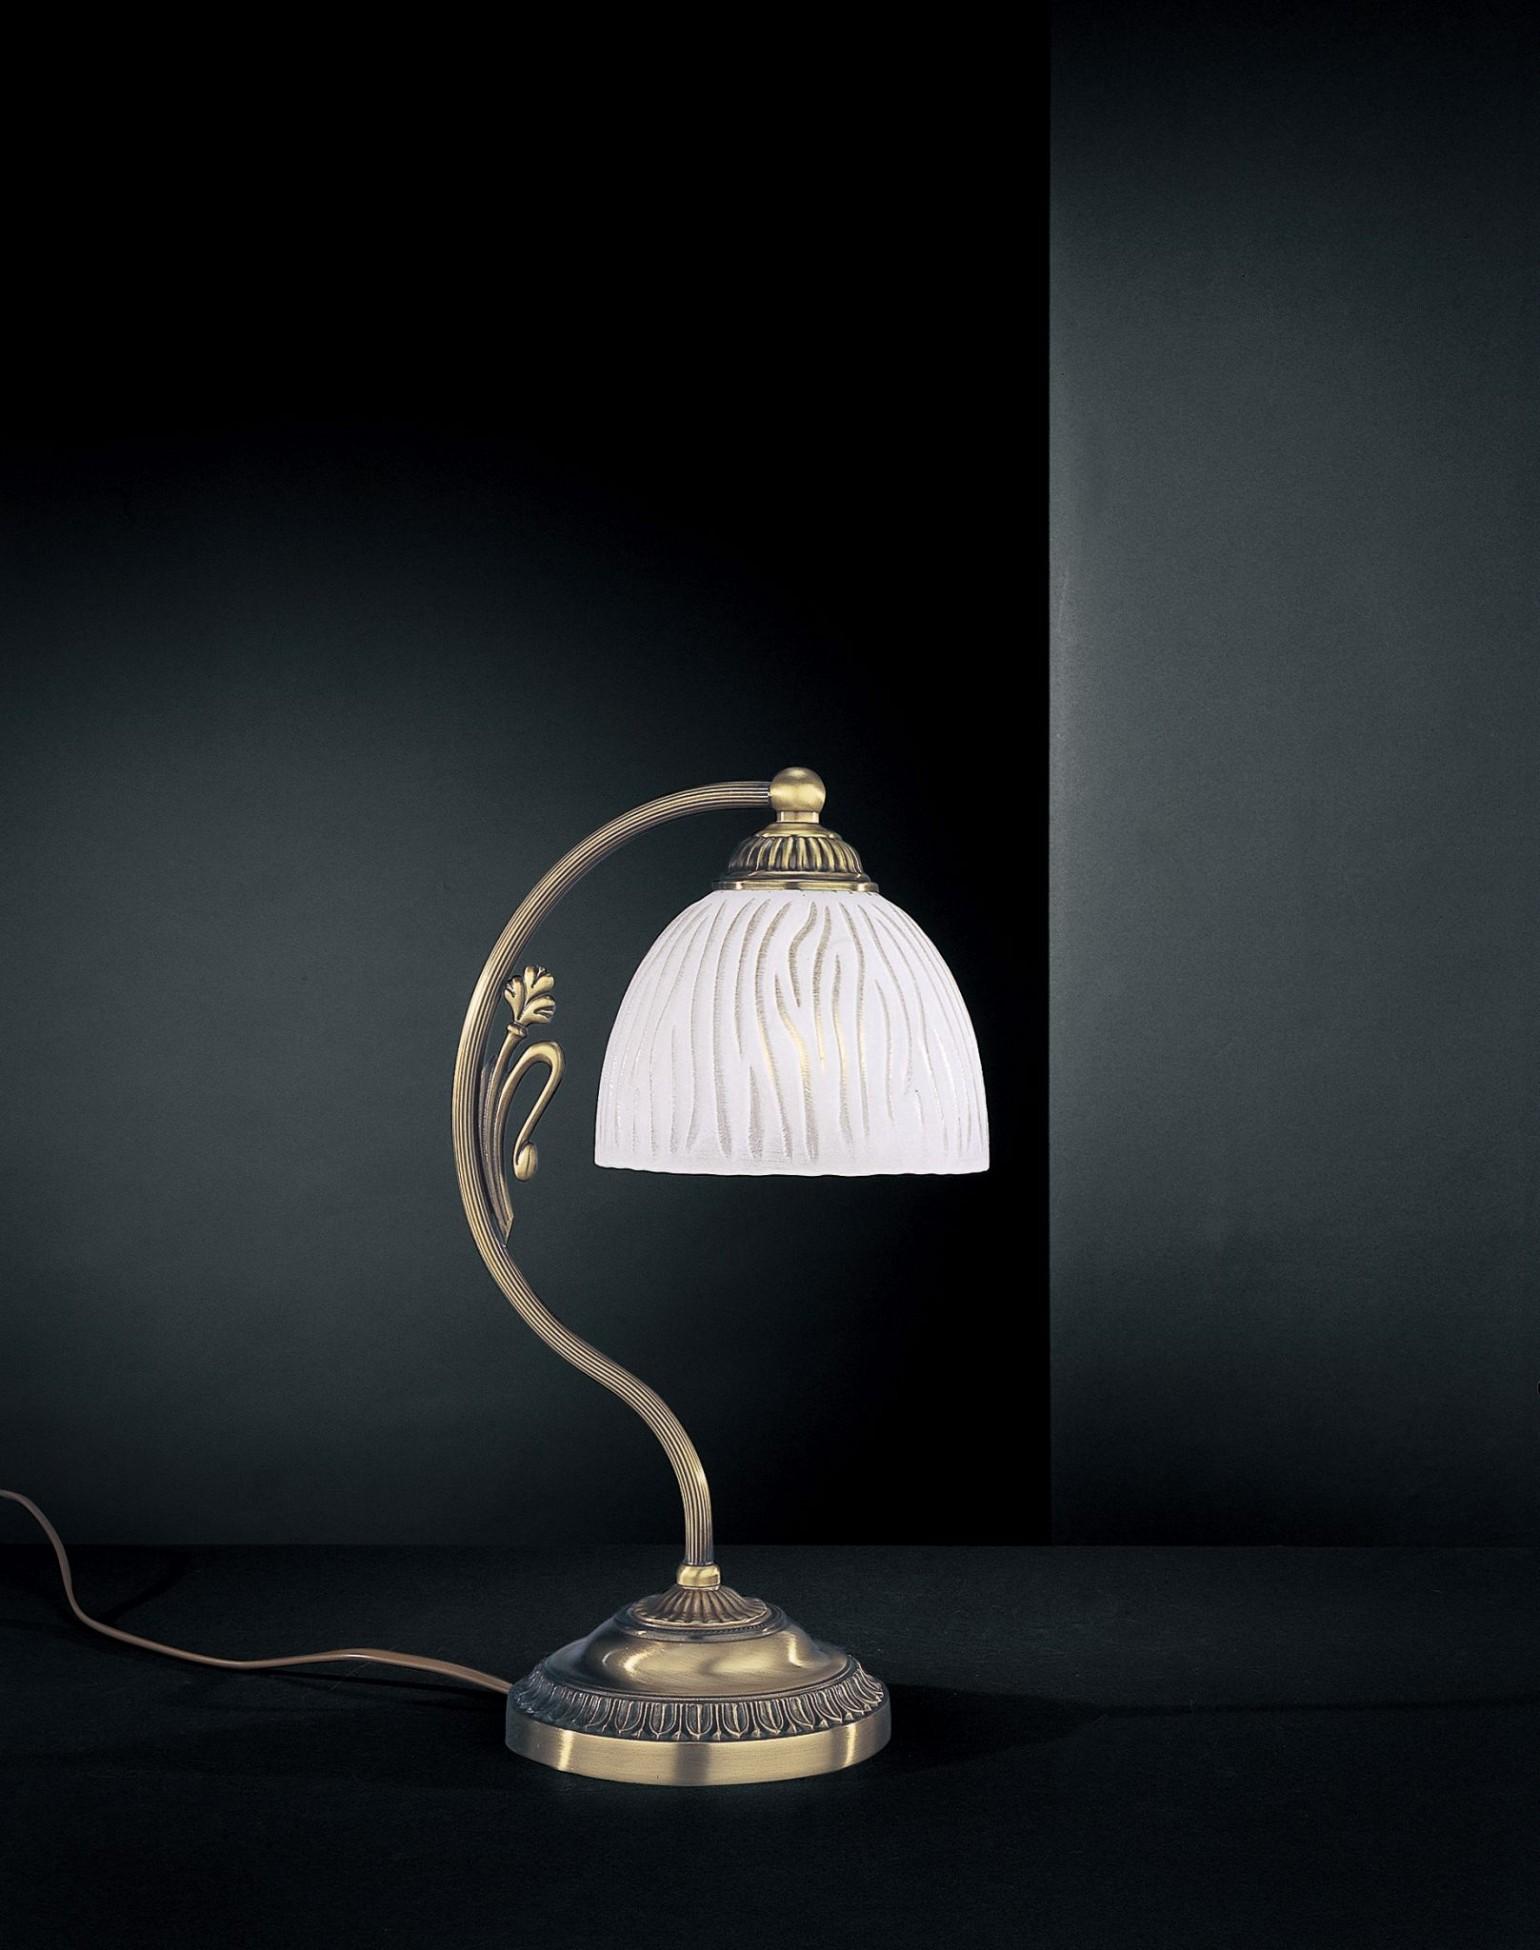 nachttischlampe aus messing mit wei e gestreifte glas reccagni store. Black Bedroom Furniture Sets. Home Design Ideas